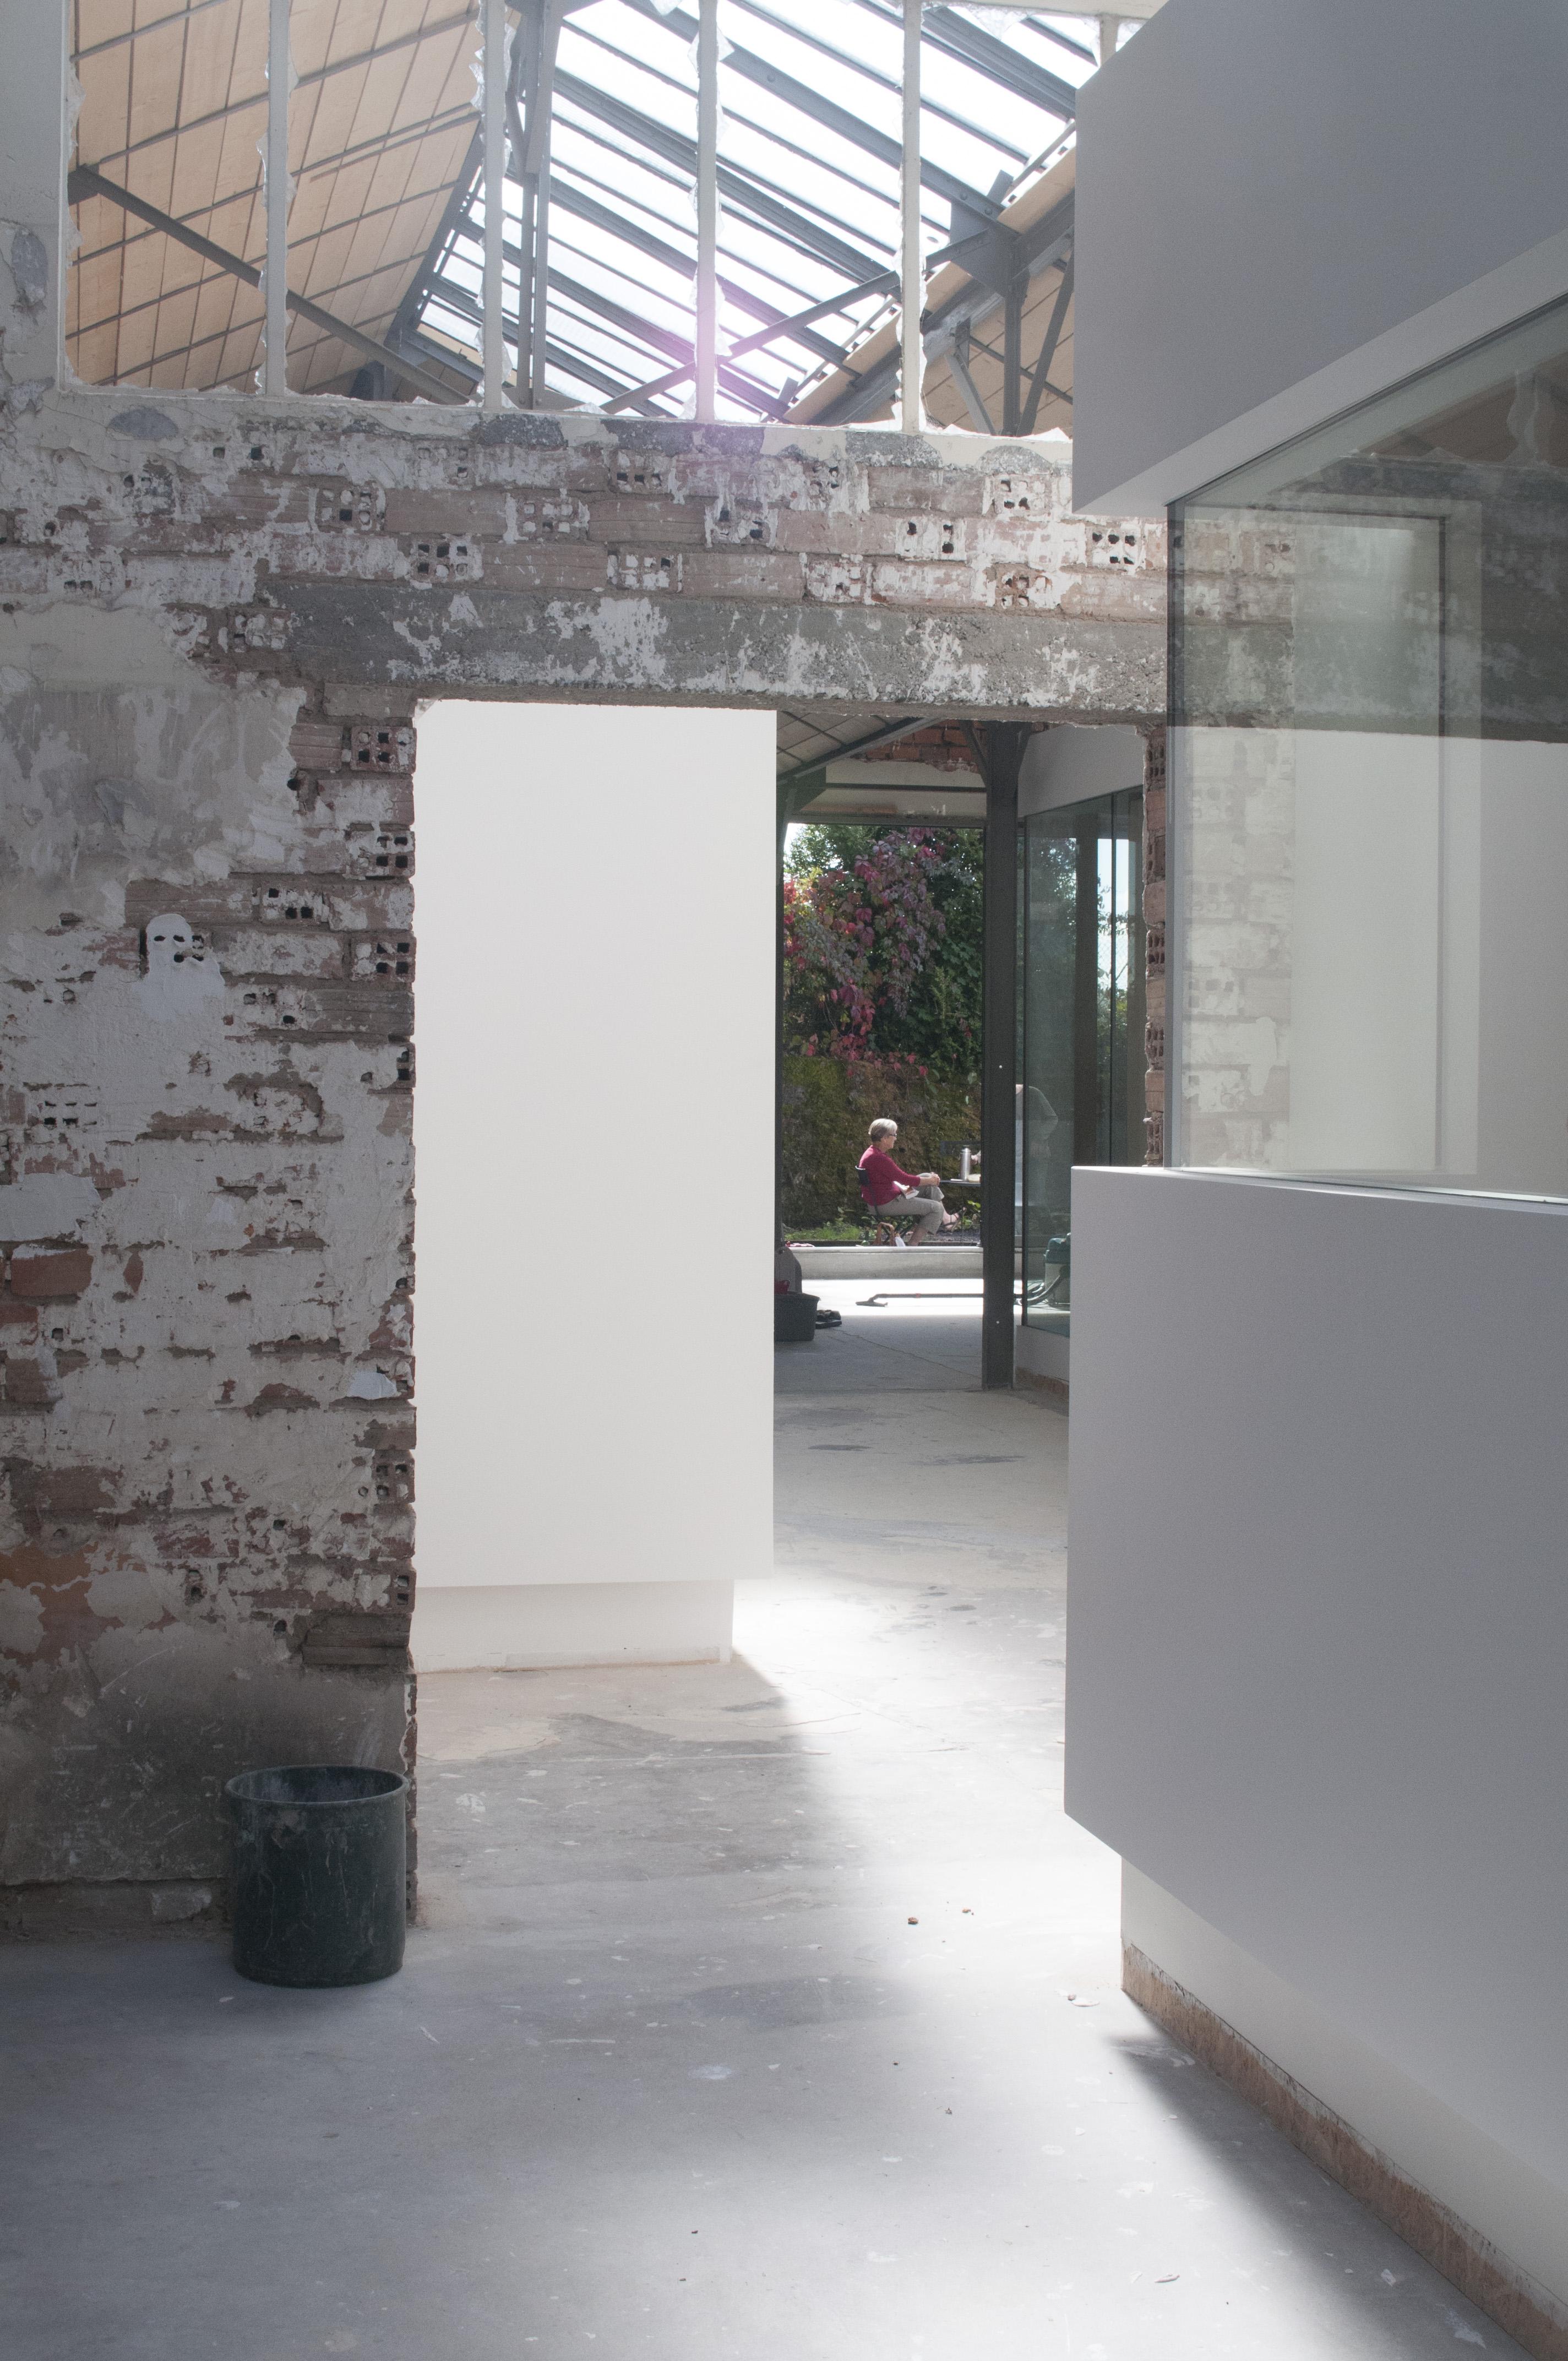 ap ro conf rence 1 architecte 1 b timent nancy 07 02 la maison de l 39 architecture de lorraine. Black Bedroom Furniture Sets. Home Design Ideas